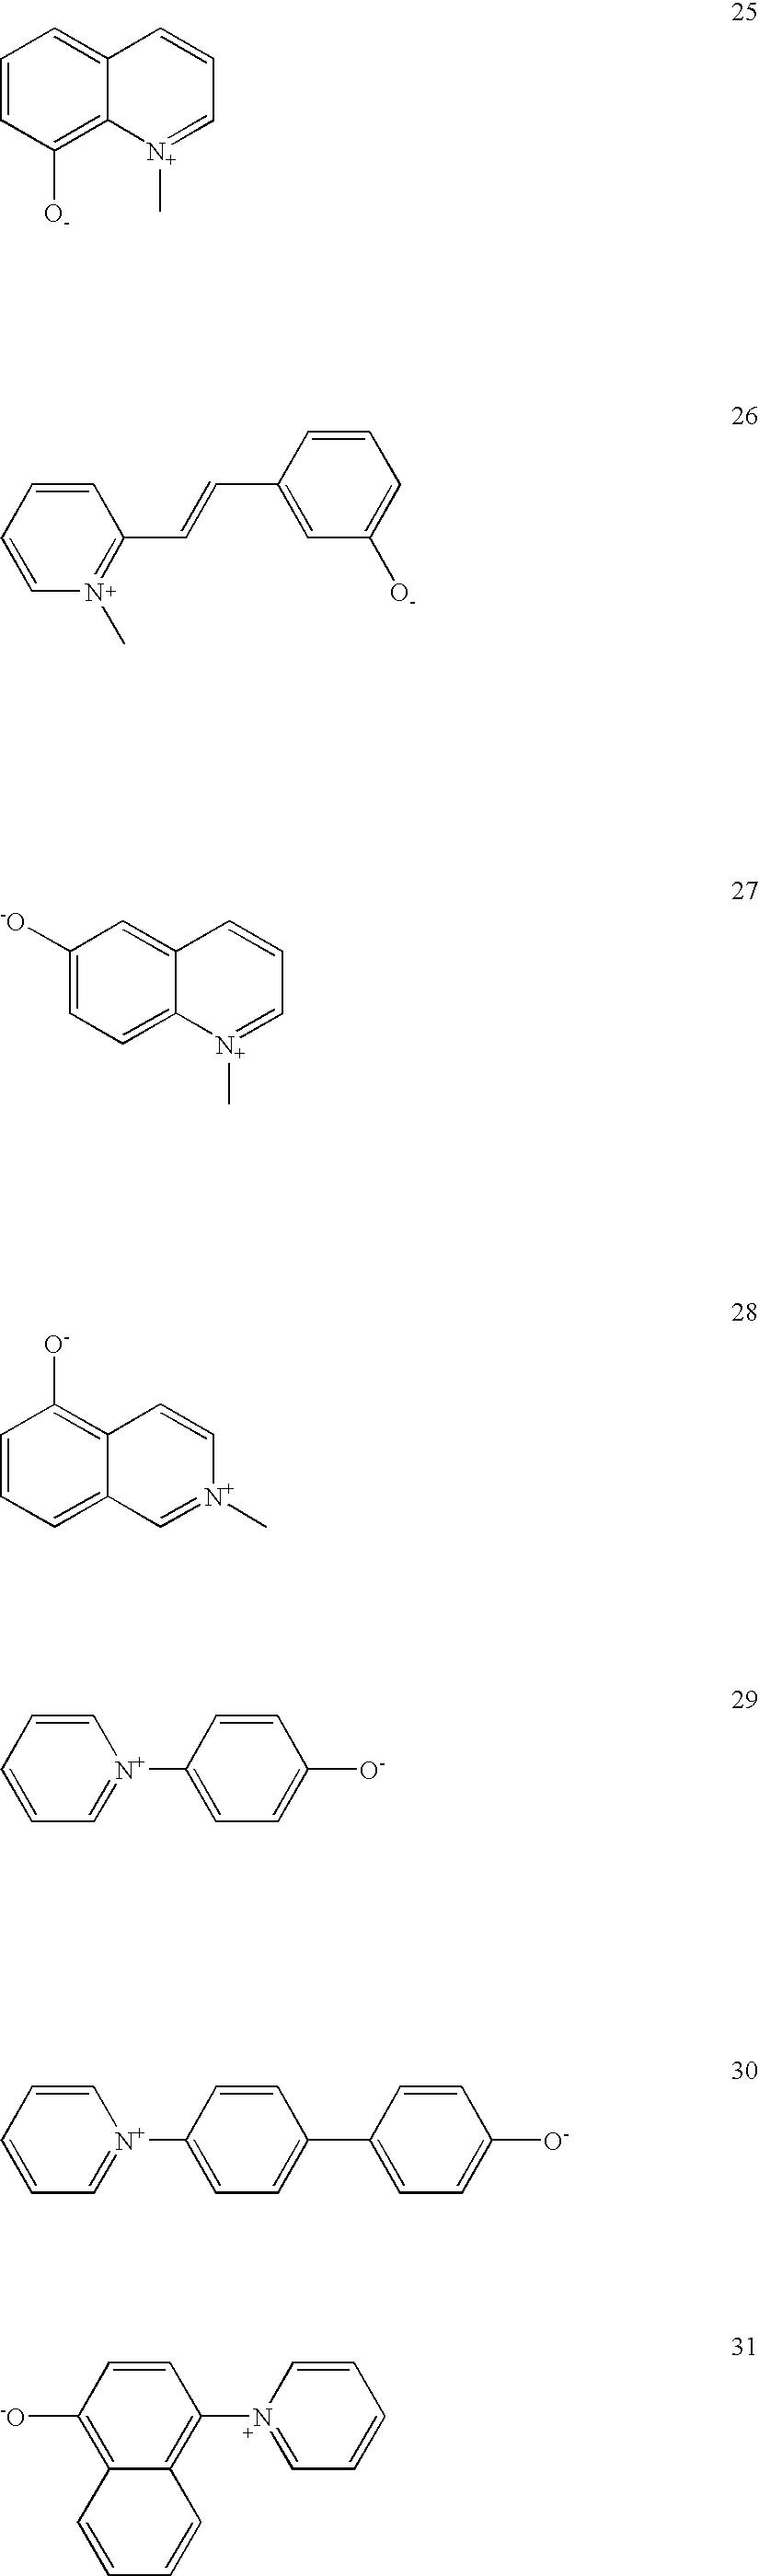 Figure US20070140971A1-20070621-C00013